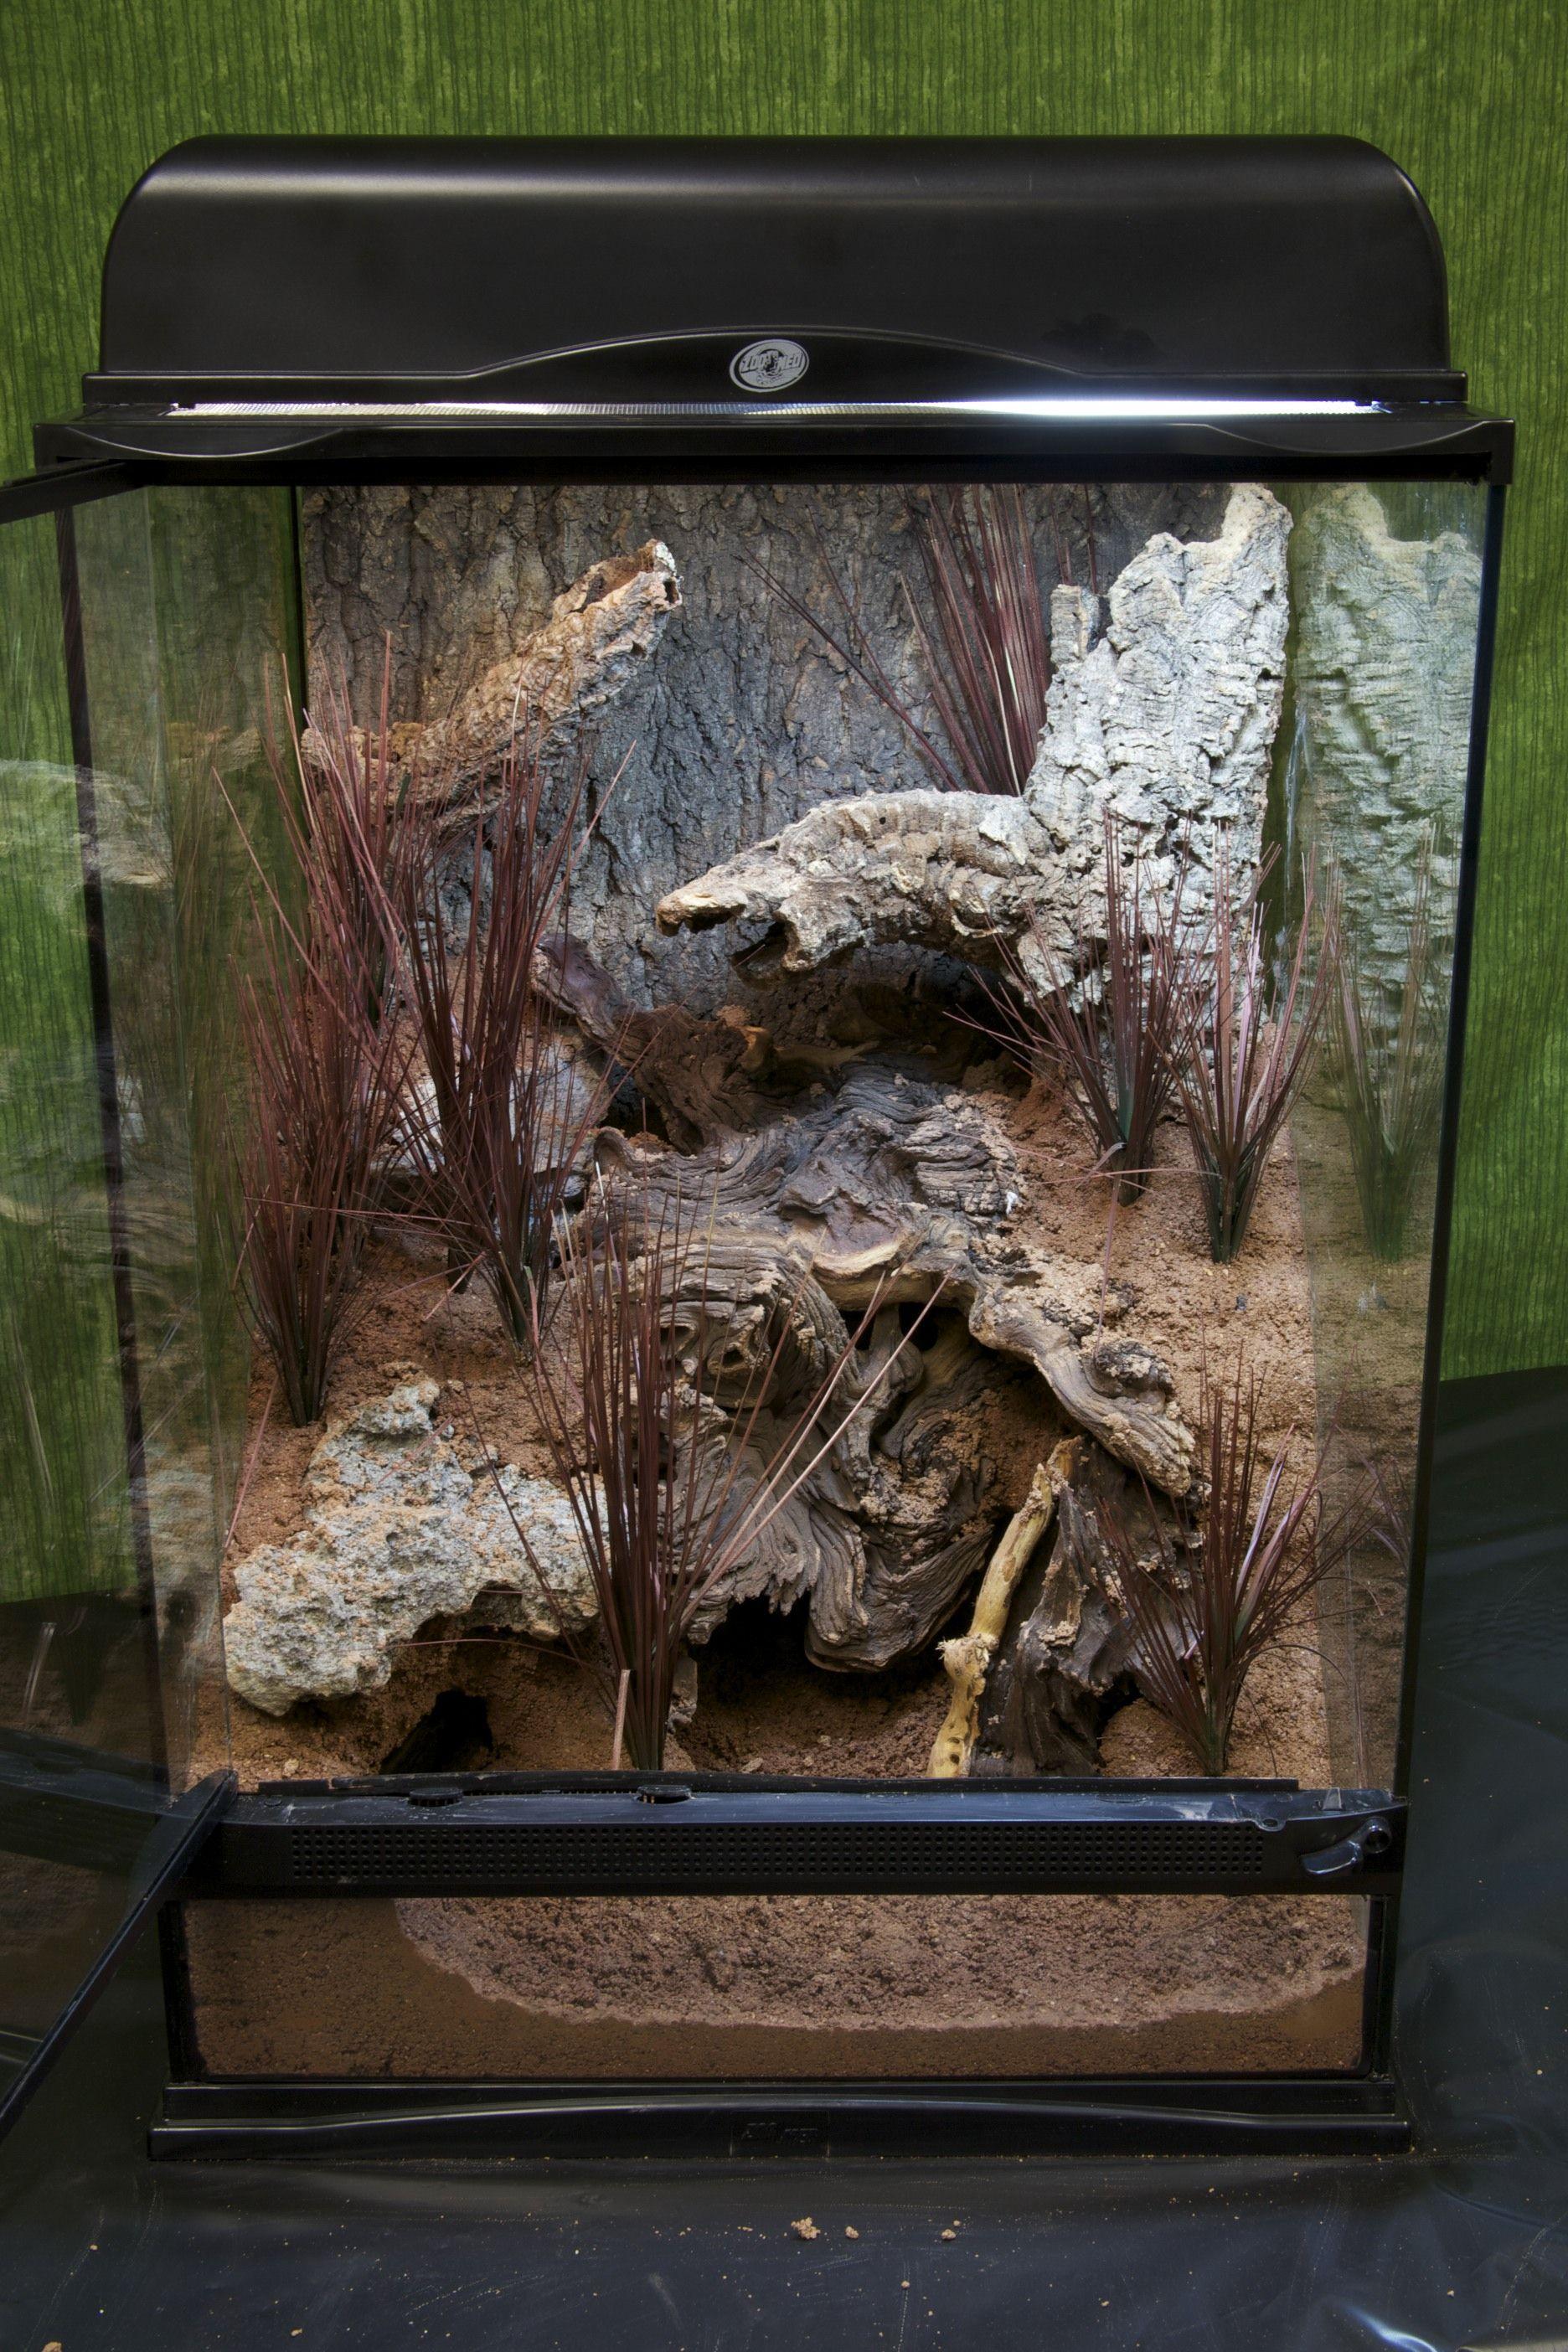 Nt 4 Excavator 33498 Crested Gecko Reptile Terrarium Gecko